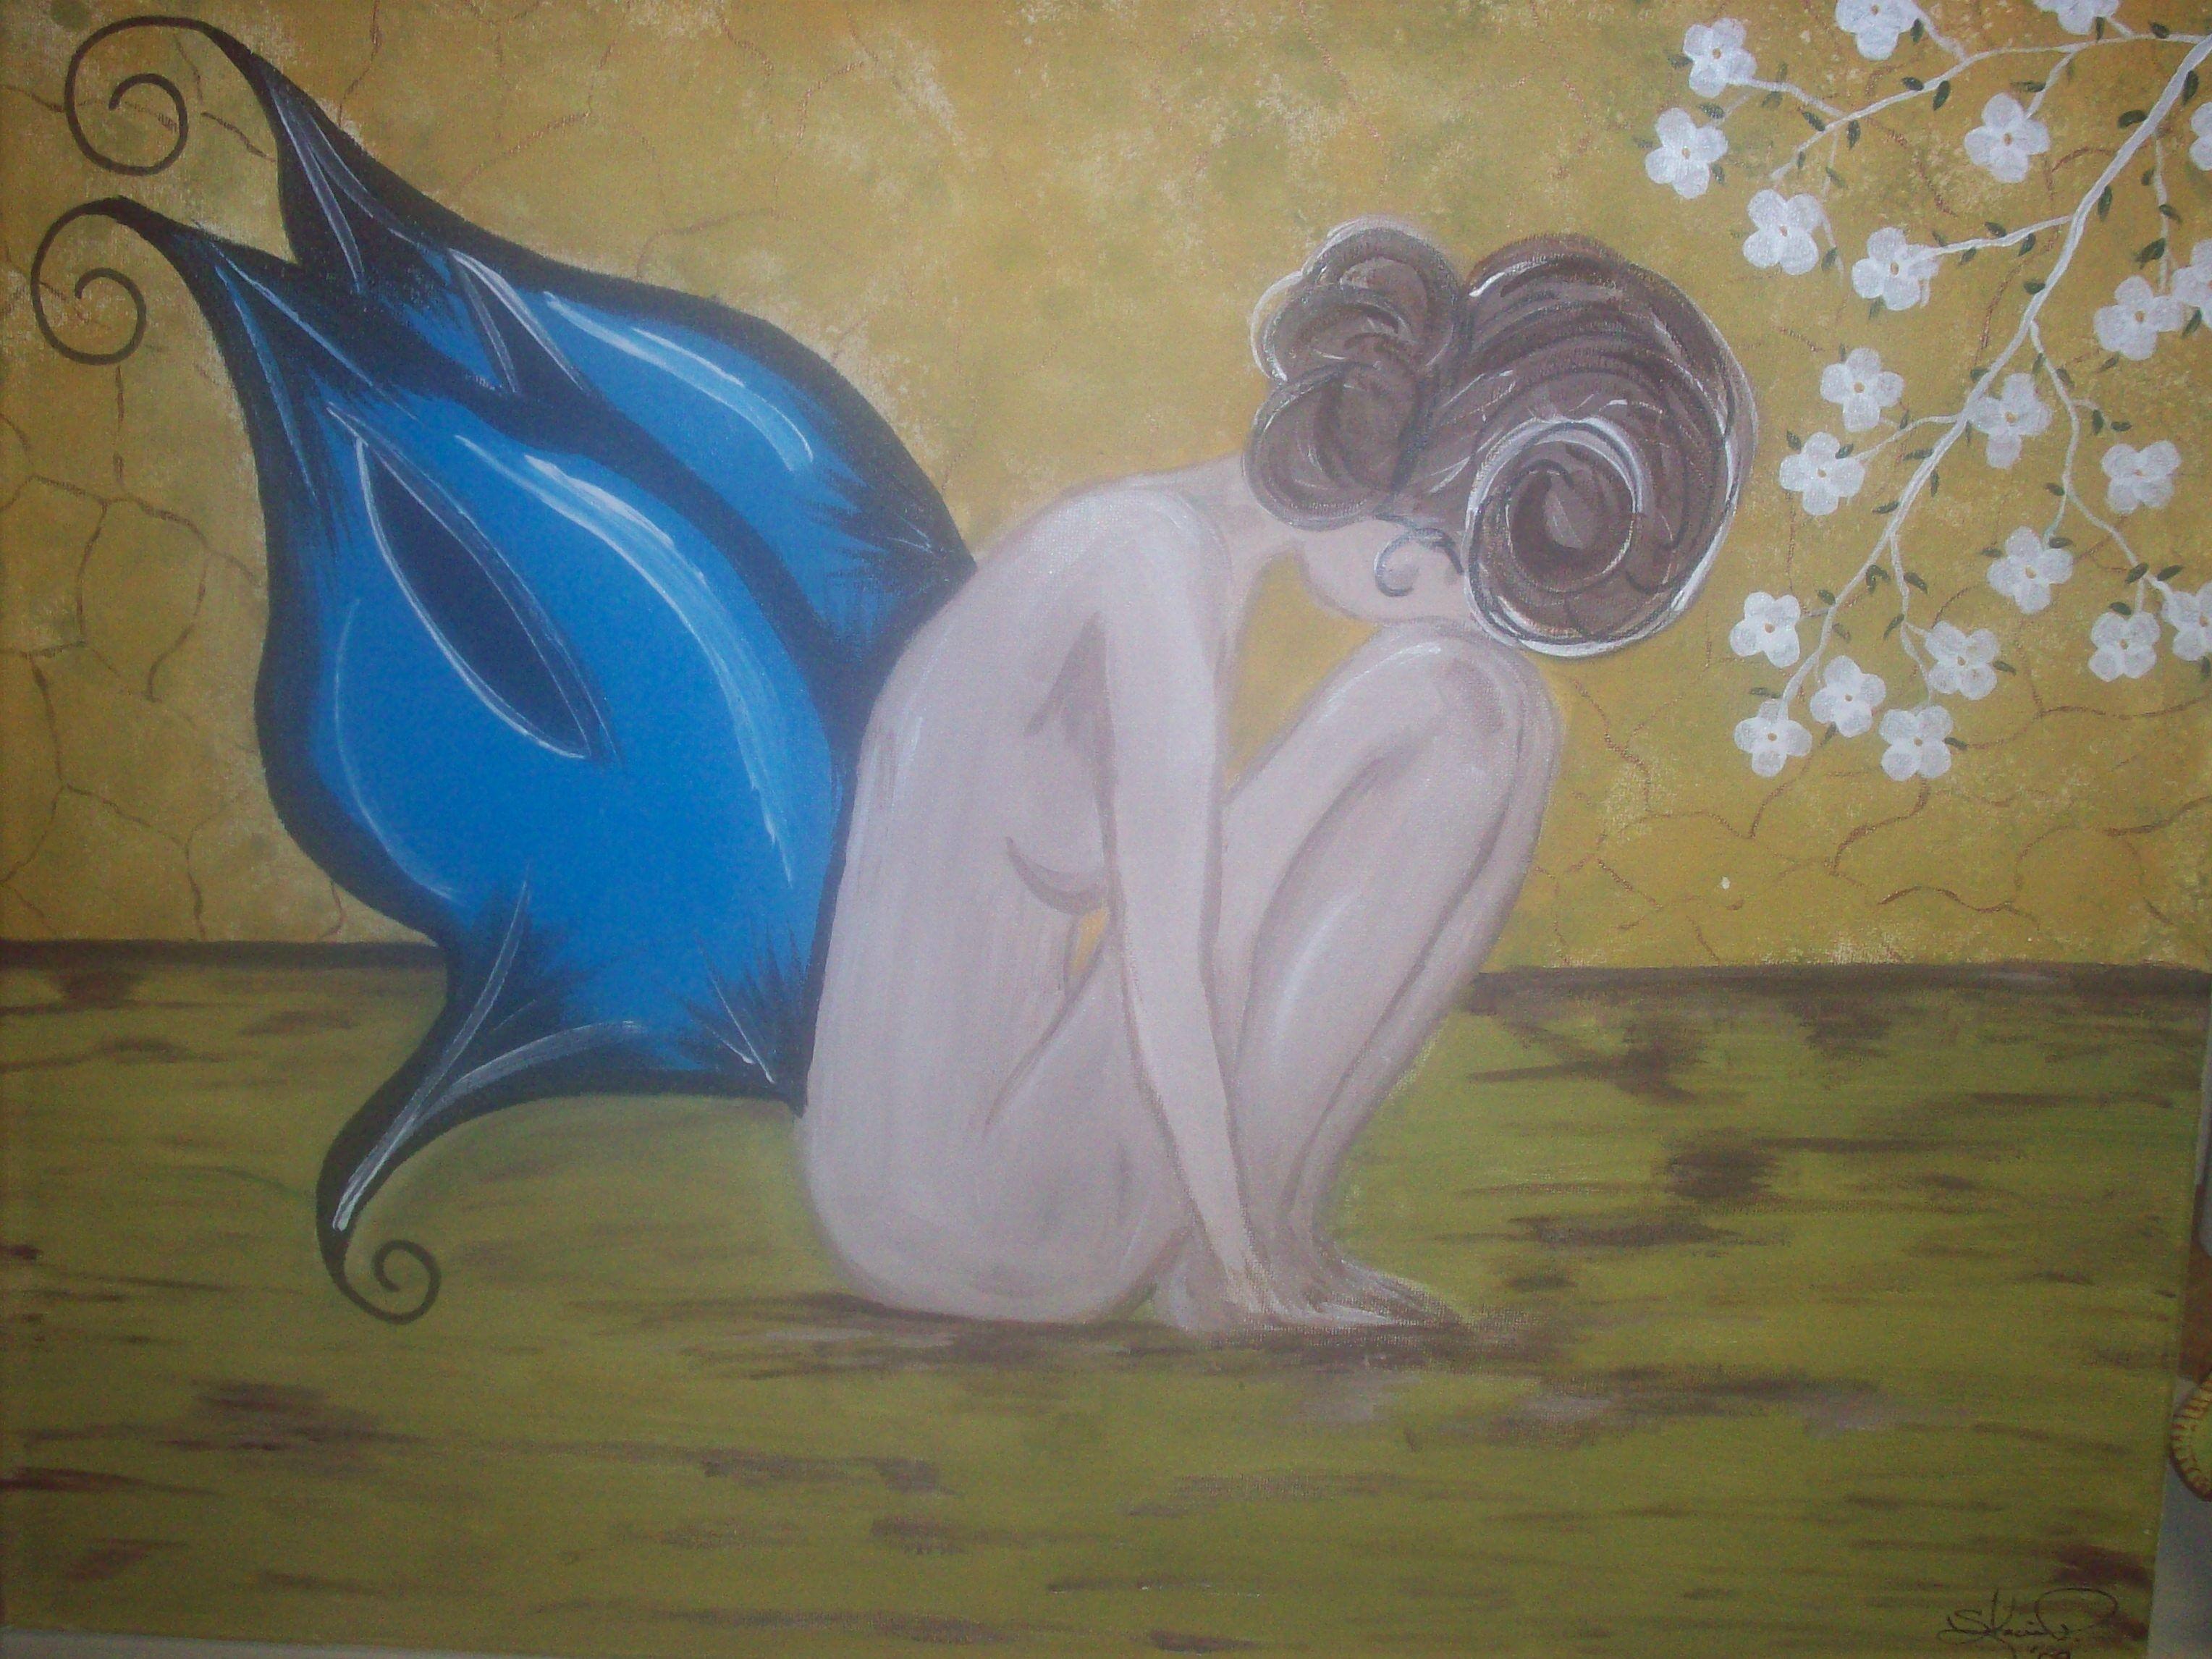 Art by Stacie